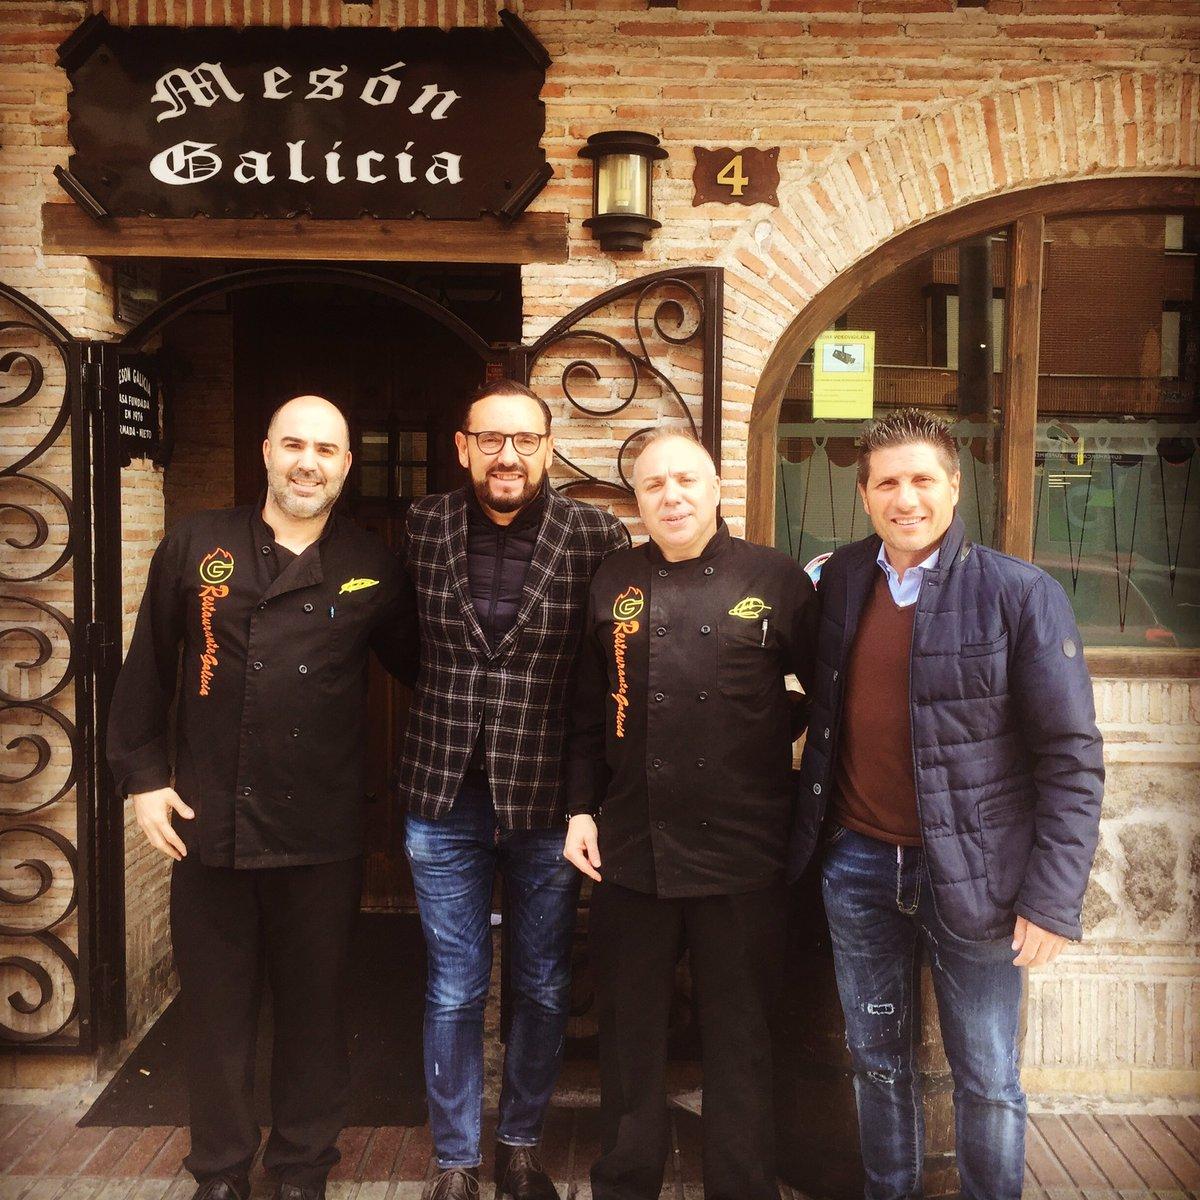 Visita de los técnicos de moda de nuestro fútbol Getafe c.f           José Bordalás  y Nacho Fernández https://t.co/i0XMwqLsgY